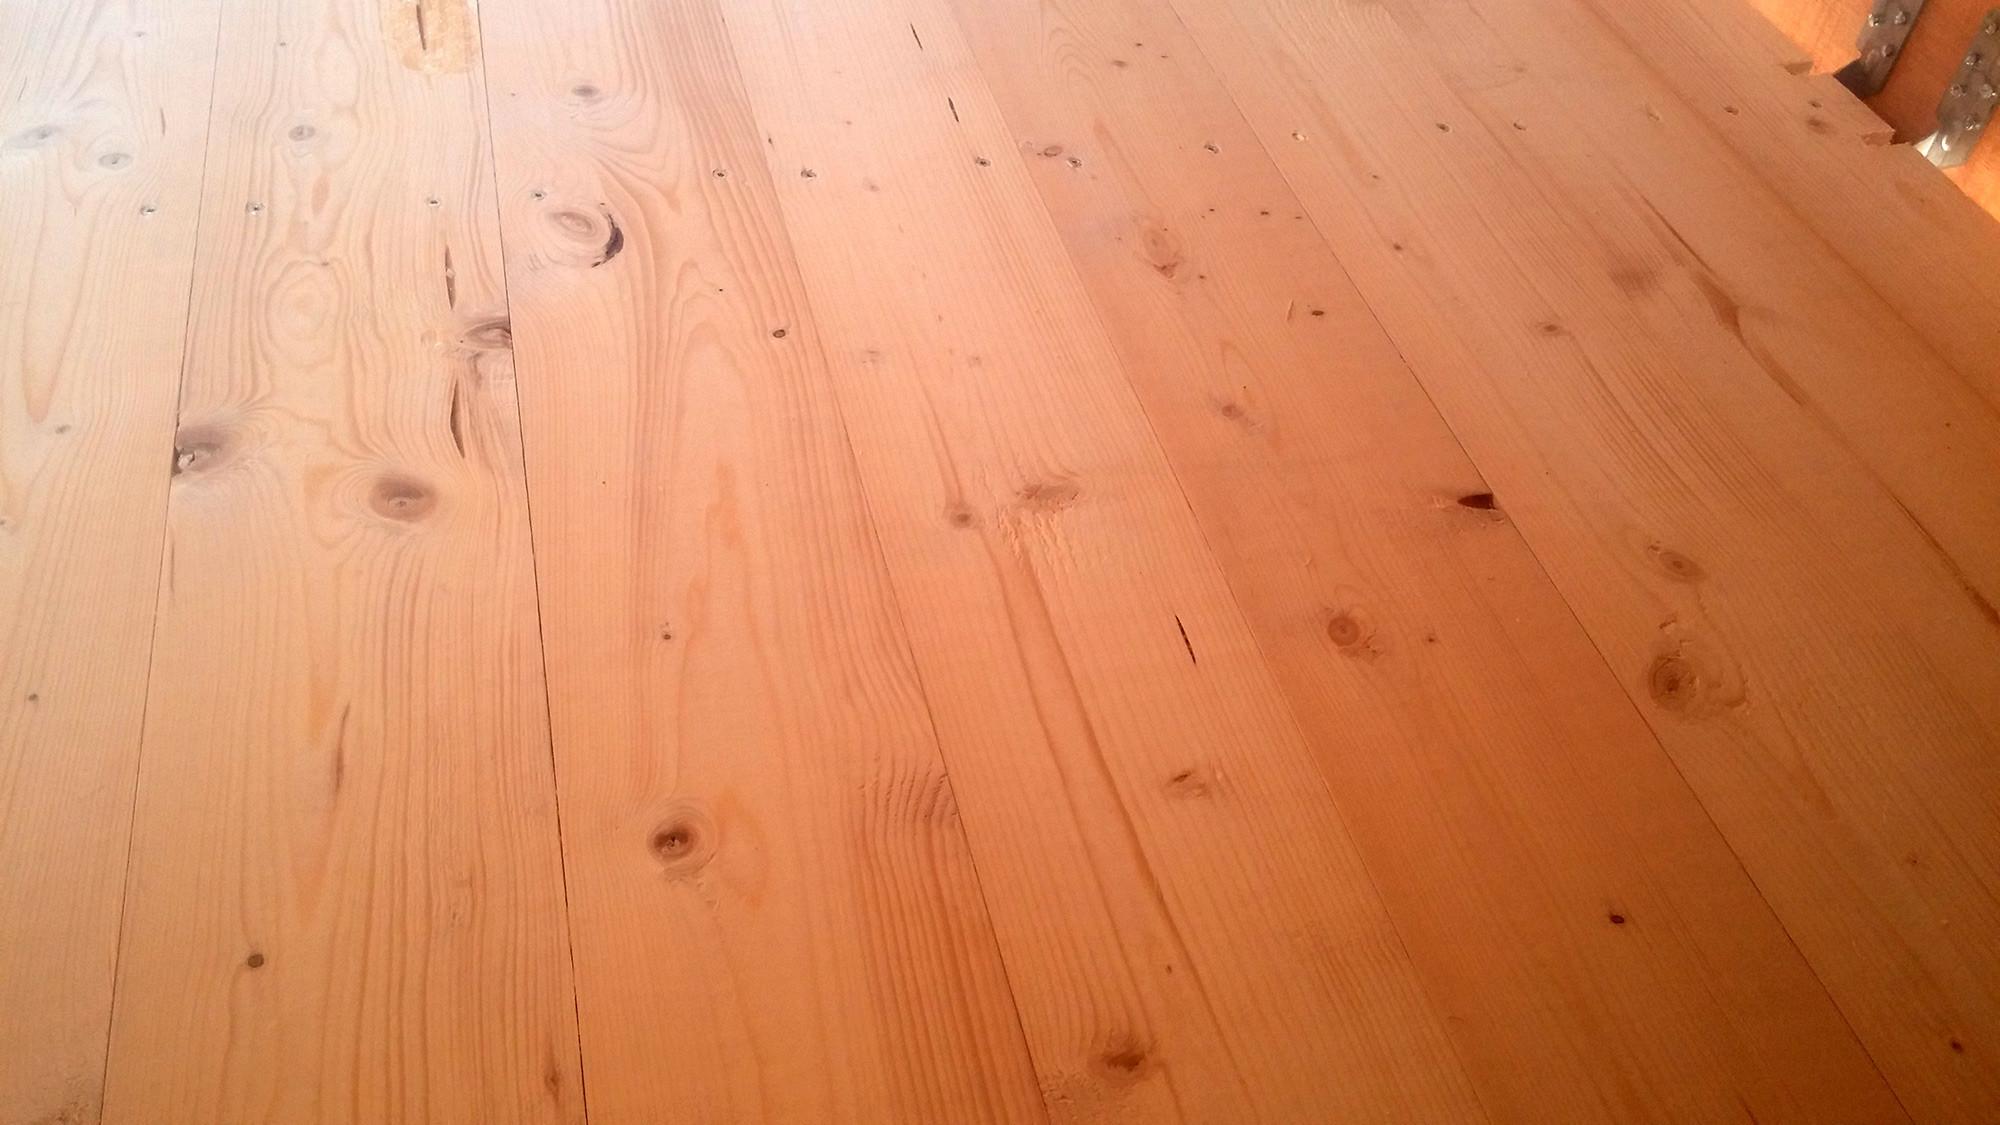 Rauspund im spitzboden in eigenleistung selber verlegen - Bodenfliesen ohne fugen ...